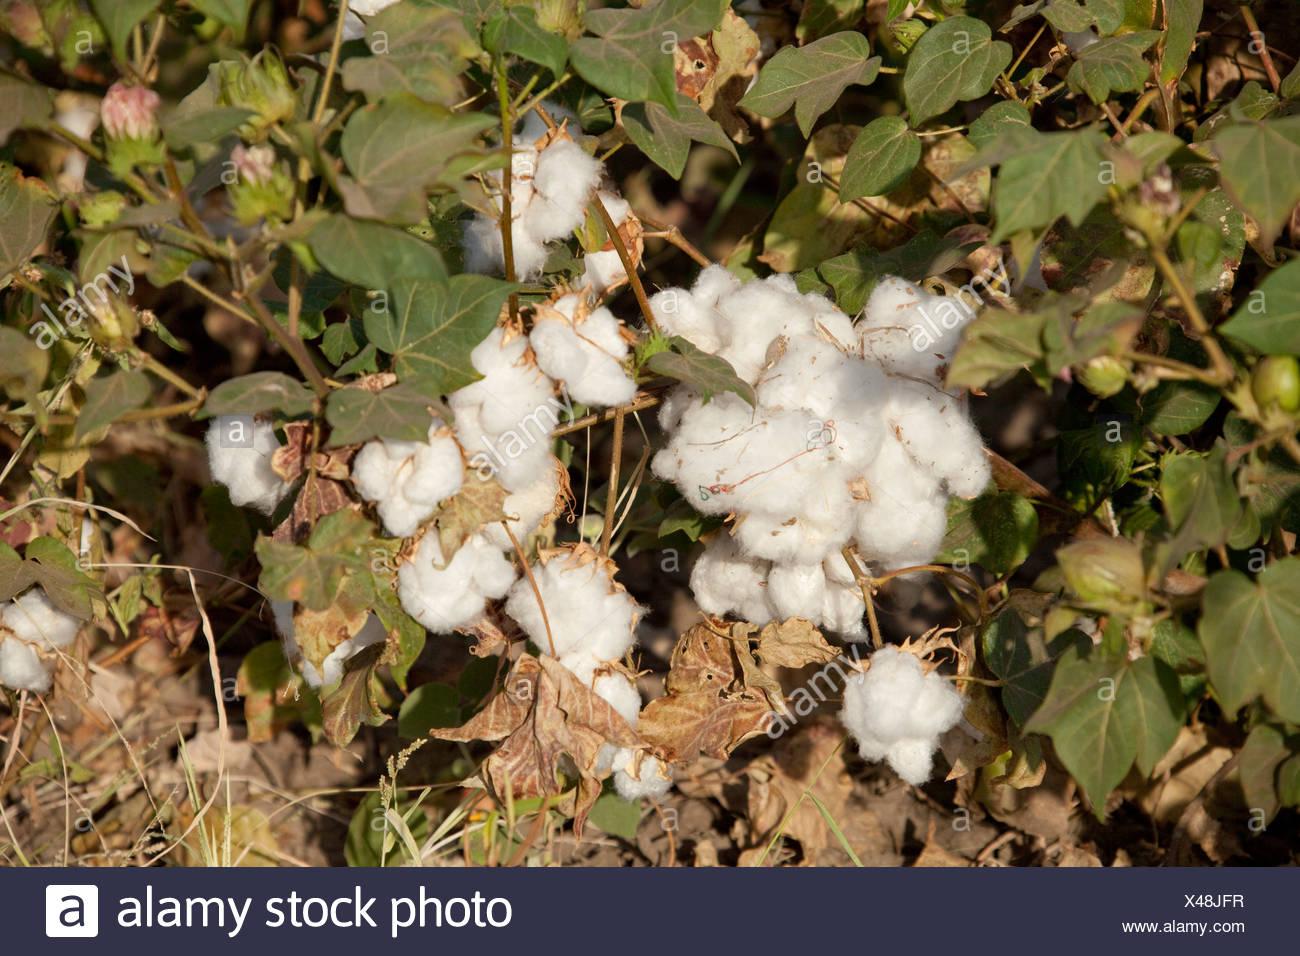 Baumwolle, Ernte, Ernte, Afrika, Landwirtschaft, Äthiopien, Stockfoto